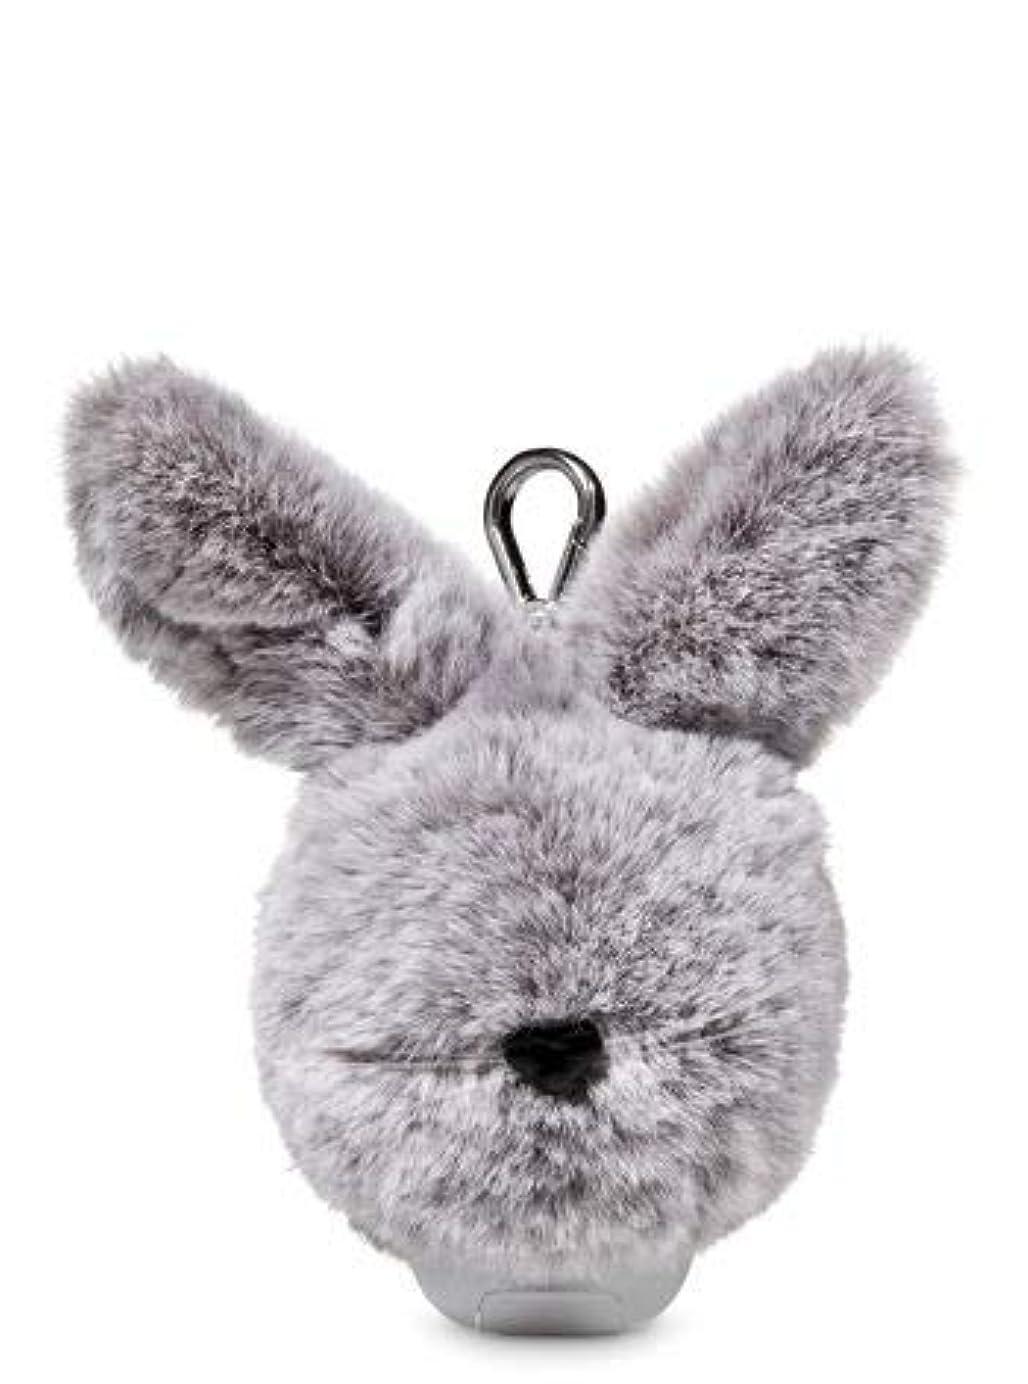 直感ステーキ整理する【Bath&Body Works/バス&ボディワークス】 抗菌ハンドジェルホルダー イースターバニーポム Pocketbac Holder Easter Bunny Pom [並行輸入品]